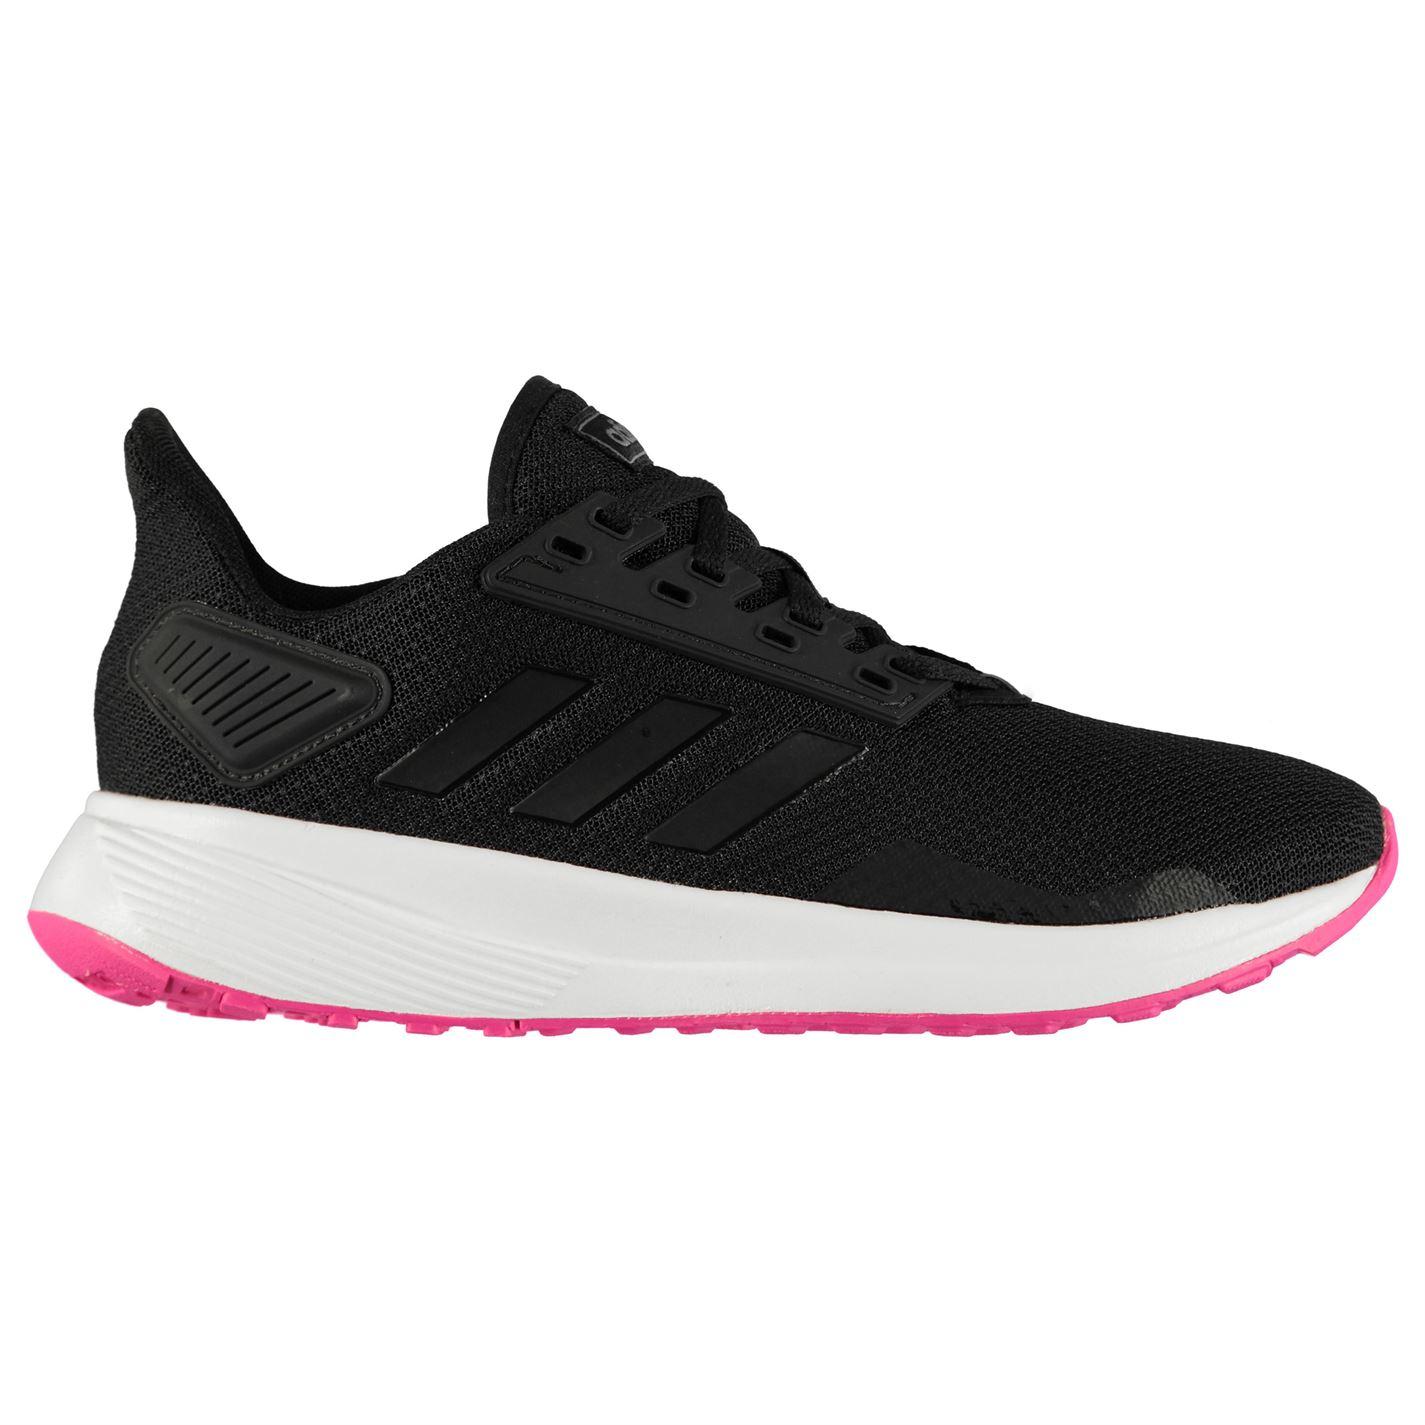 Adidas Duramo 9 Ladies Trainers